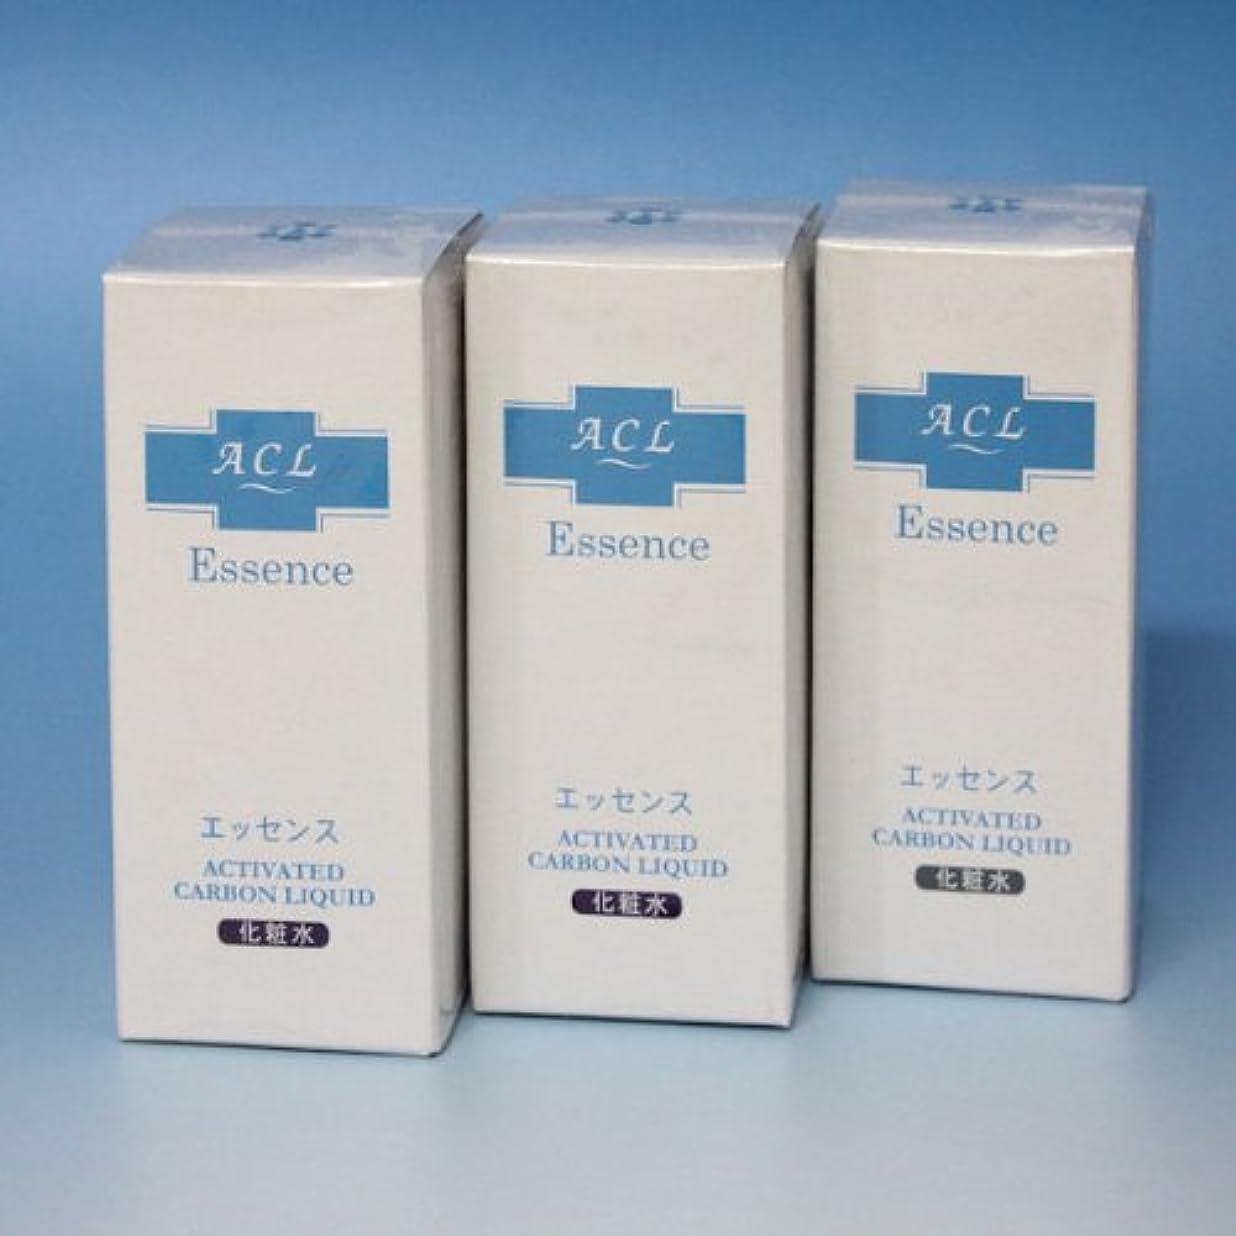 ヒール血まみれの気性ACL(アクル) エッセンス 50ml3箱セット *50ml進呈( 5mlサンプル×10本) 進呈